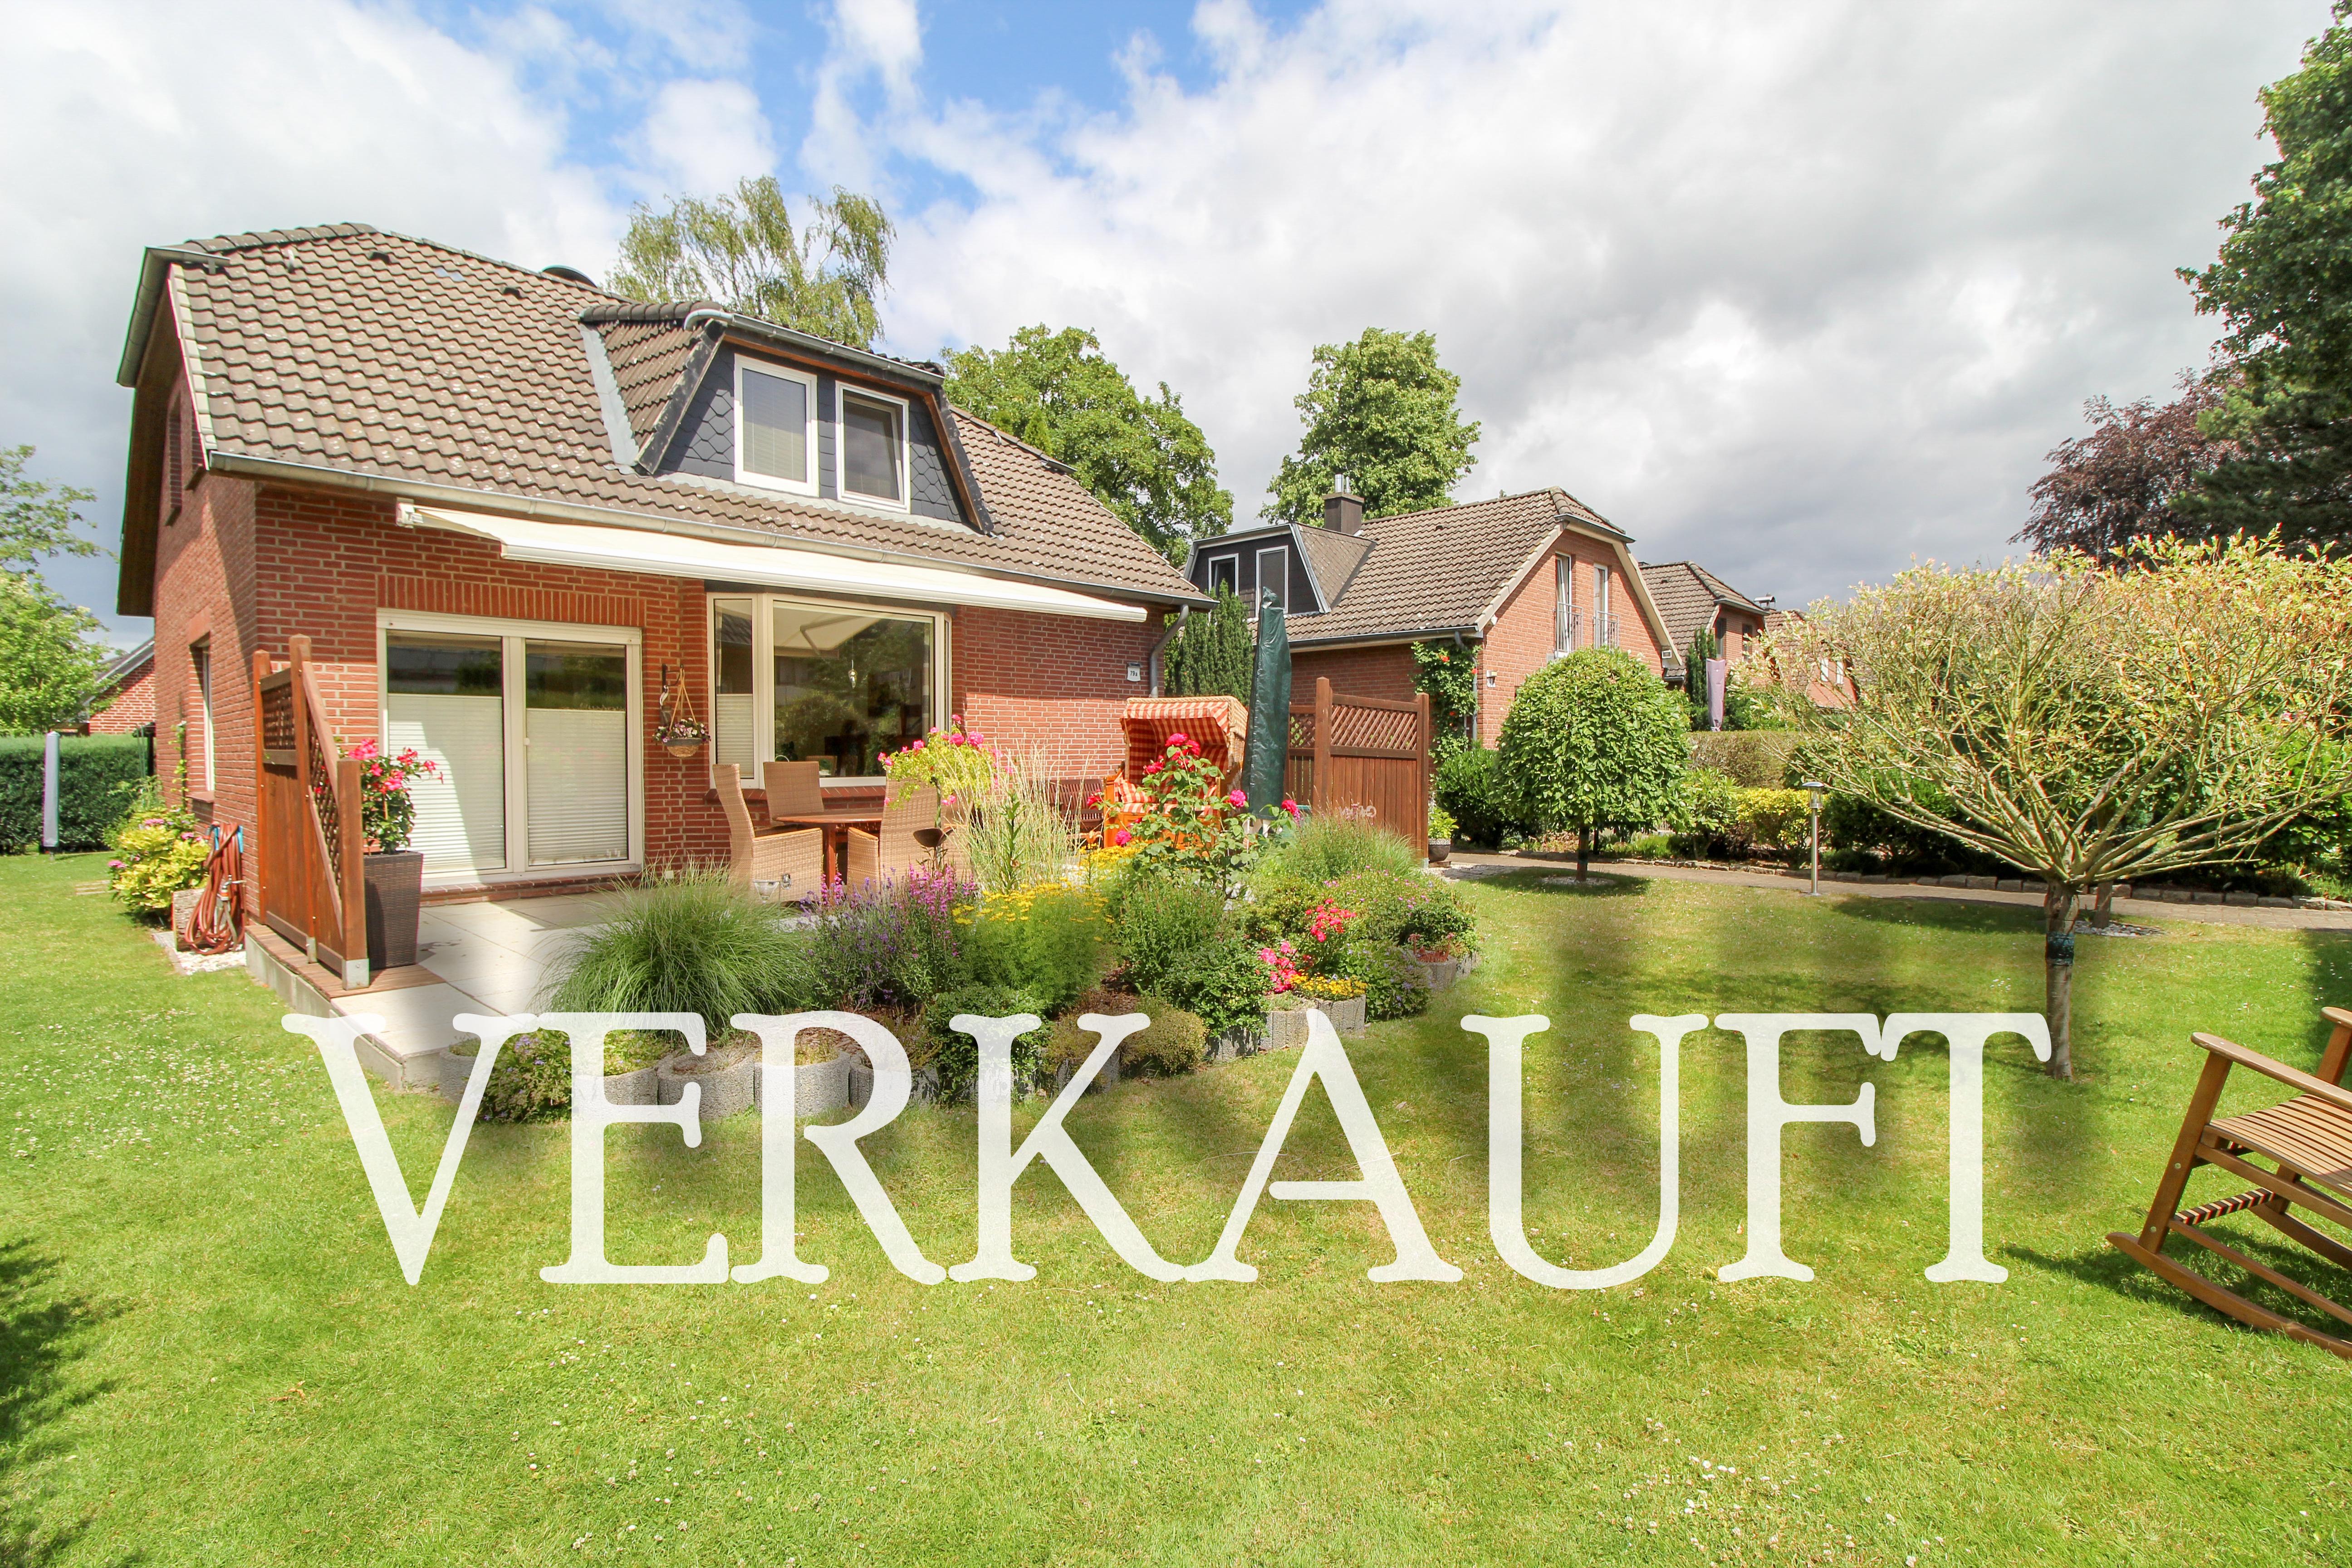 Sehr gepflegtes Einfamilienhaus in Hamburg-Meiendorf